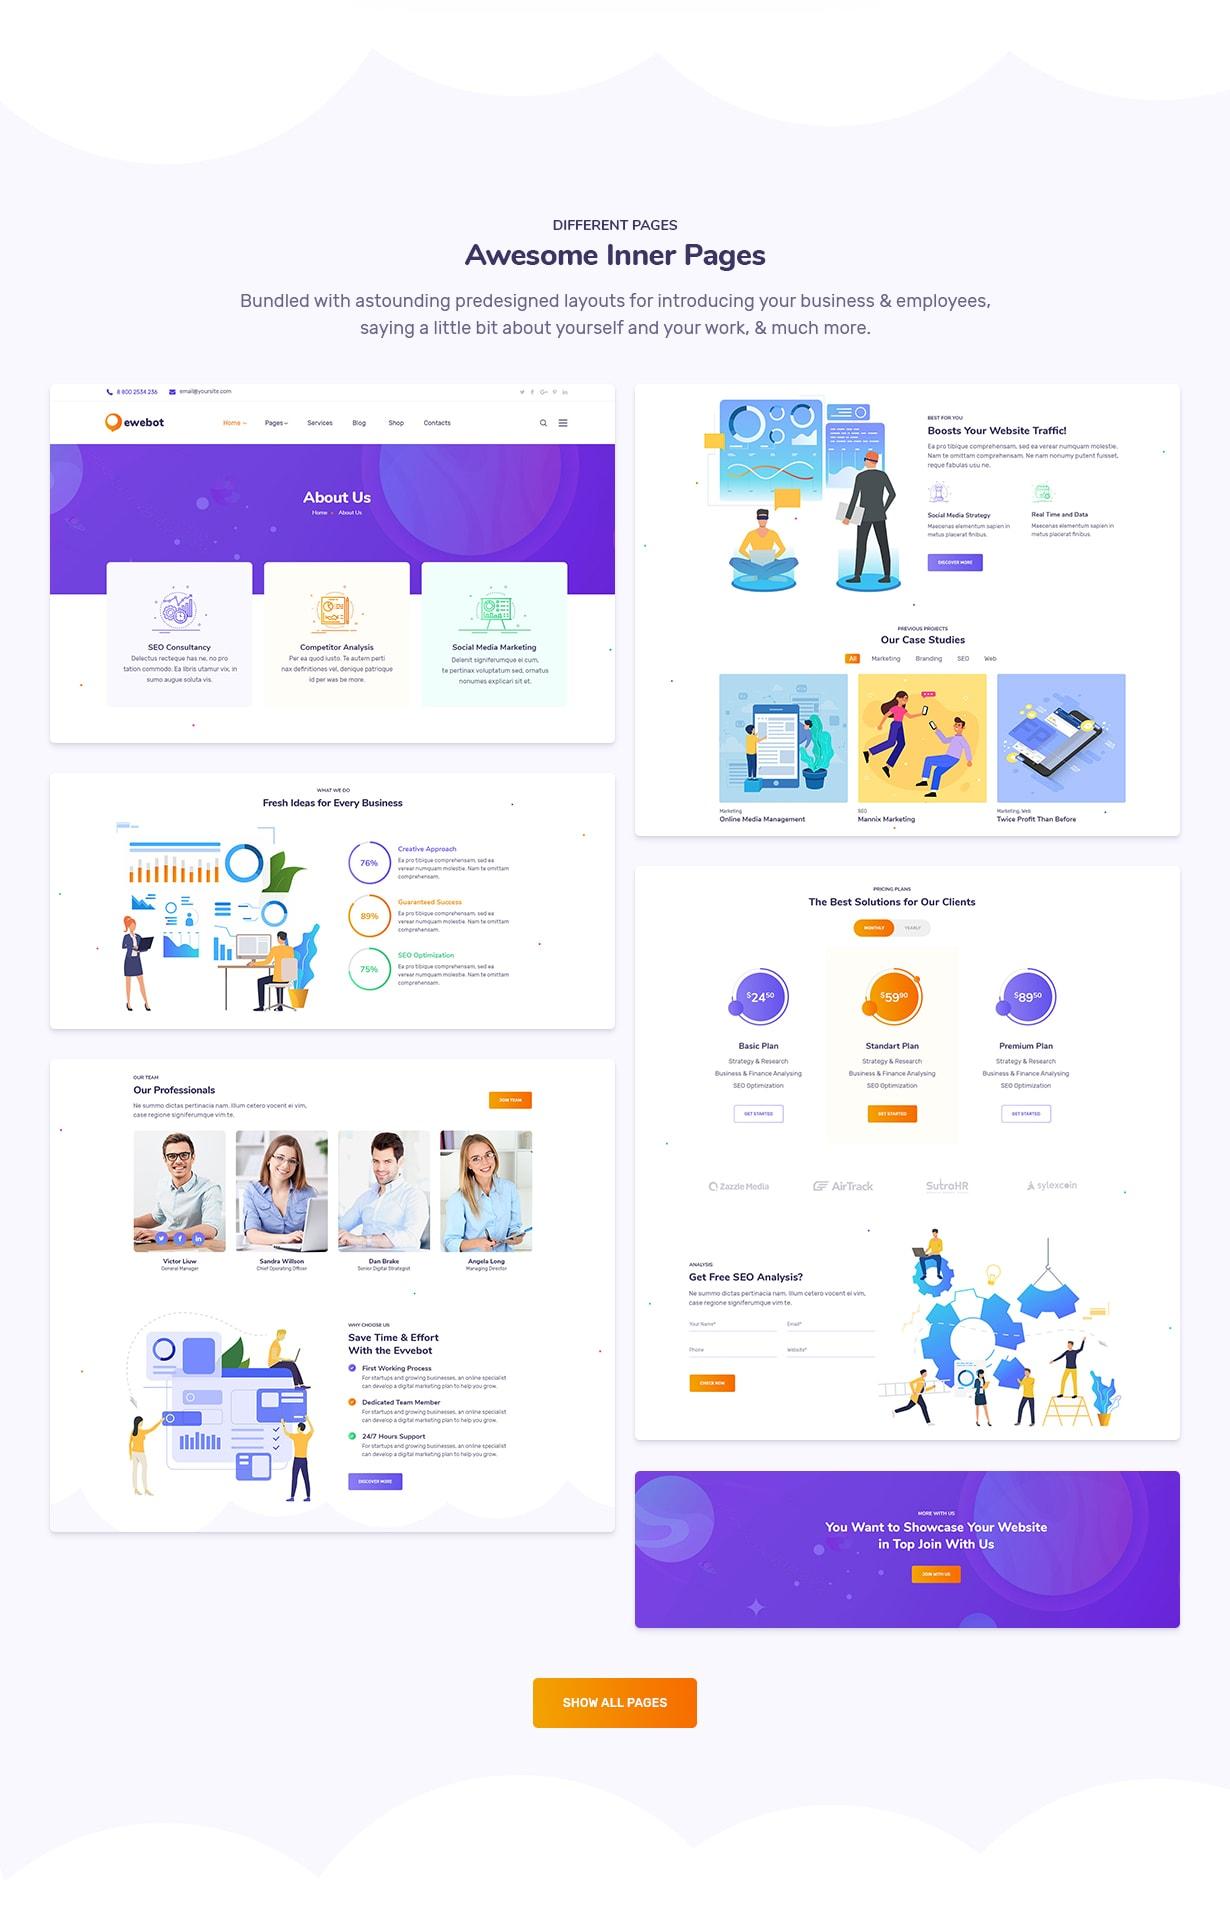 Ewebot - التسويق والوكالة الرقمية لتحسين محركات البحث - 5